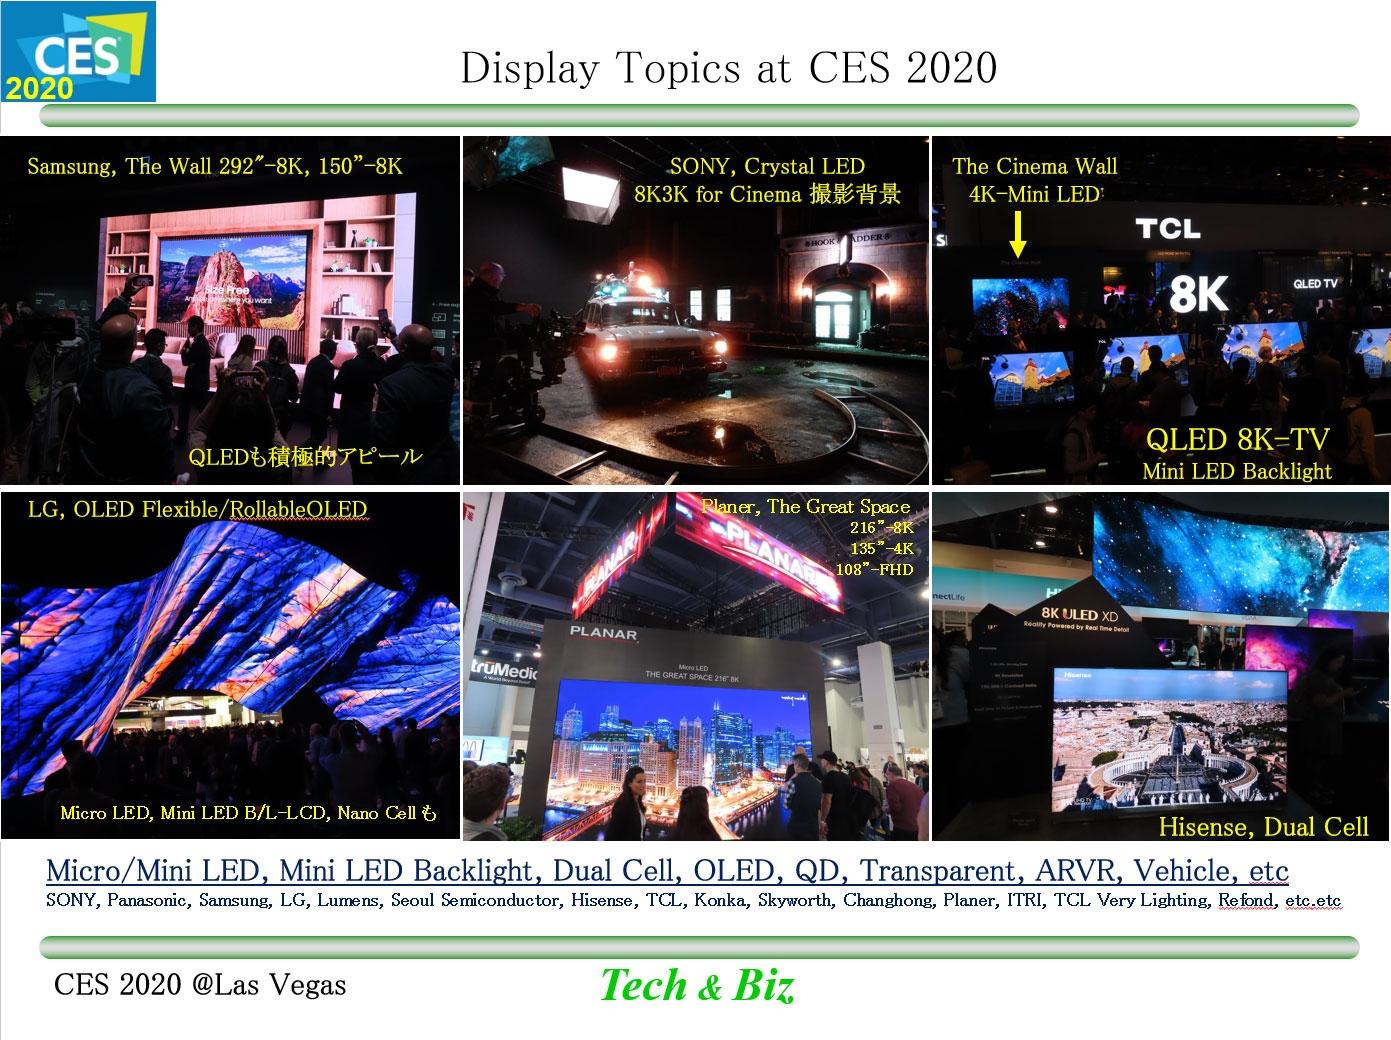 図1 CES 2020に展示された主な大画面ディスプレー 筆者の視点で抜き出したが、この他にも様々な展示が繰り広げられ、ディスプレー技術の多様さと将来の方向を実感できる(撮影:北原 洋明)。